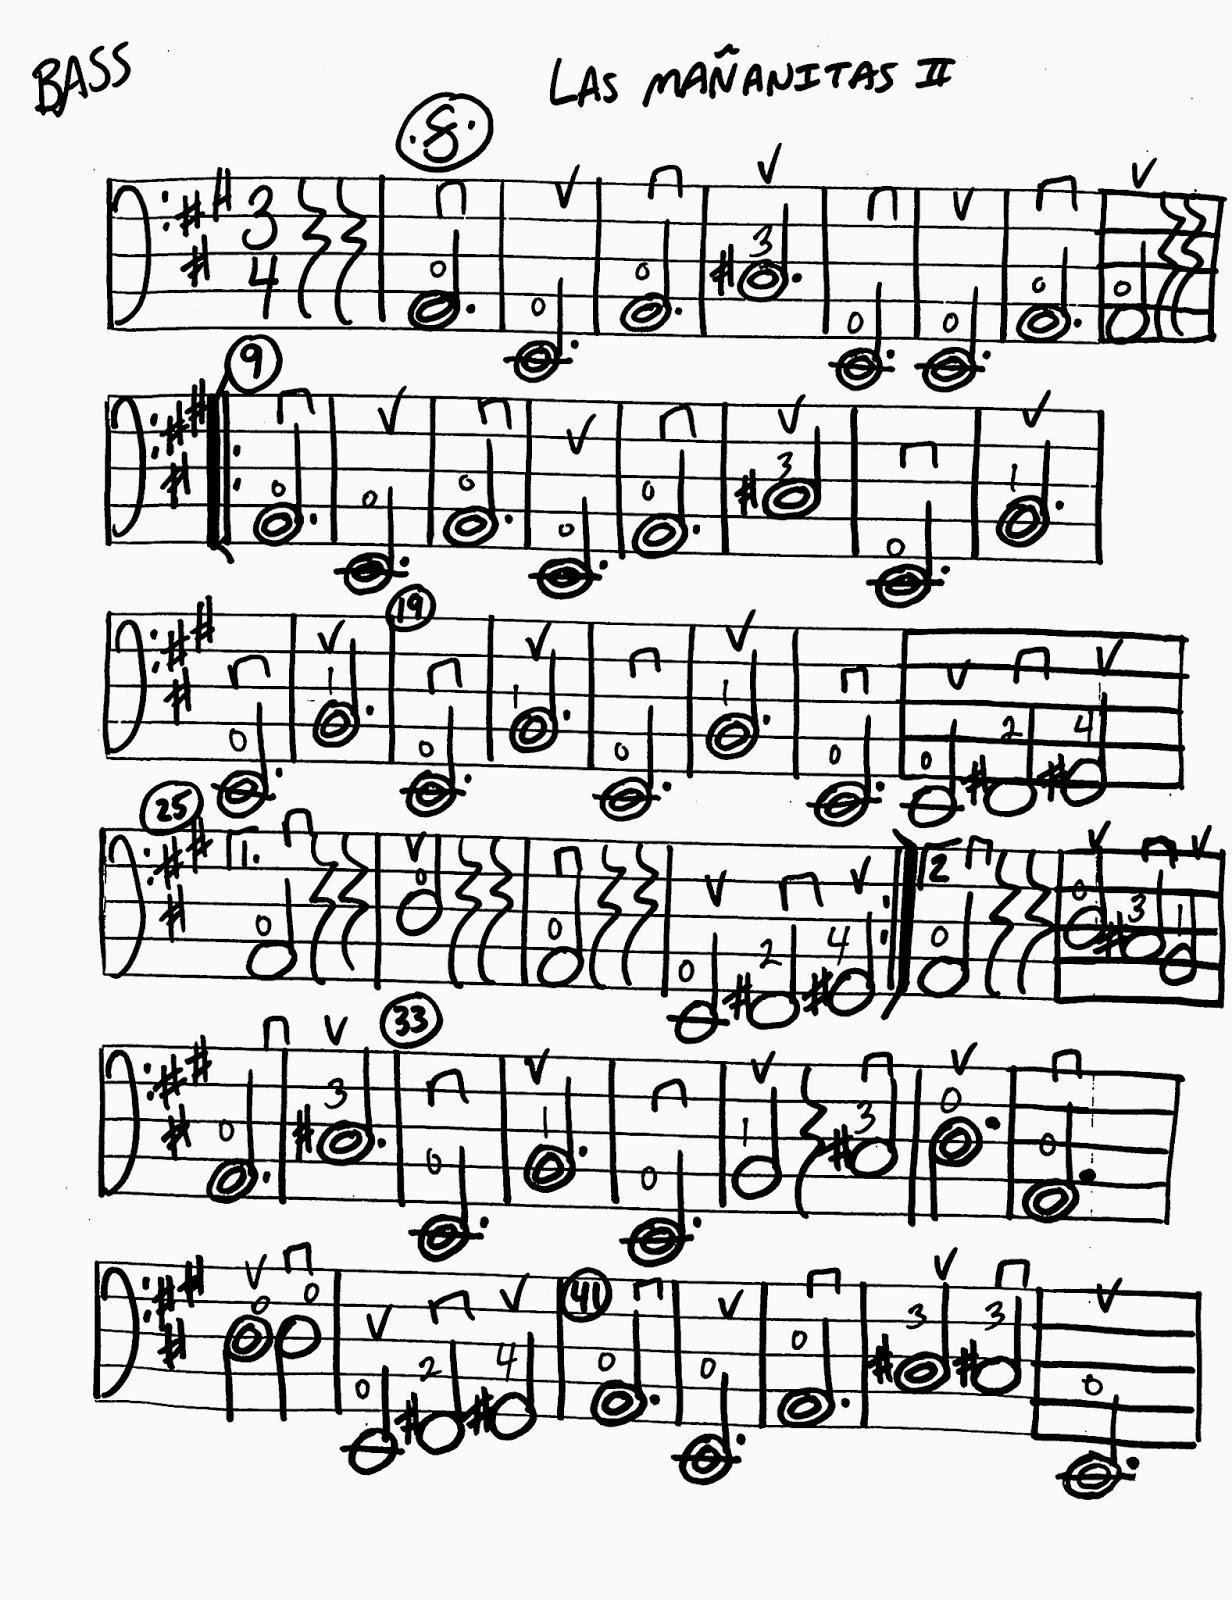 Miss Jacobson S Music Las Mananitas Ii Worksheets